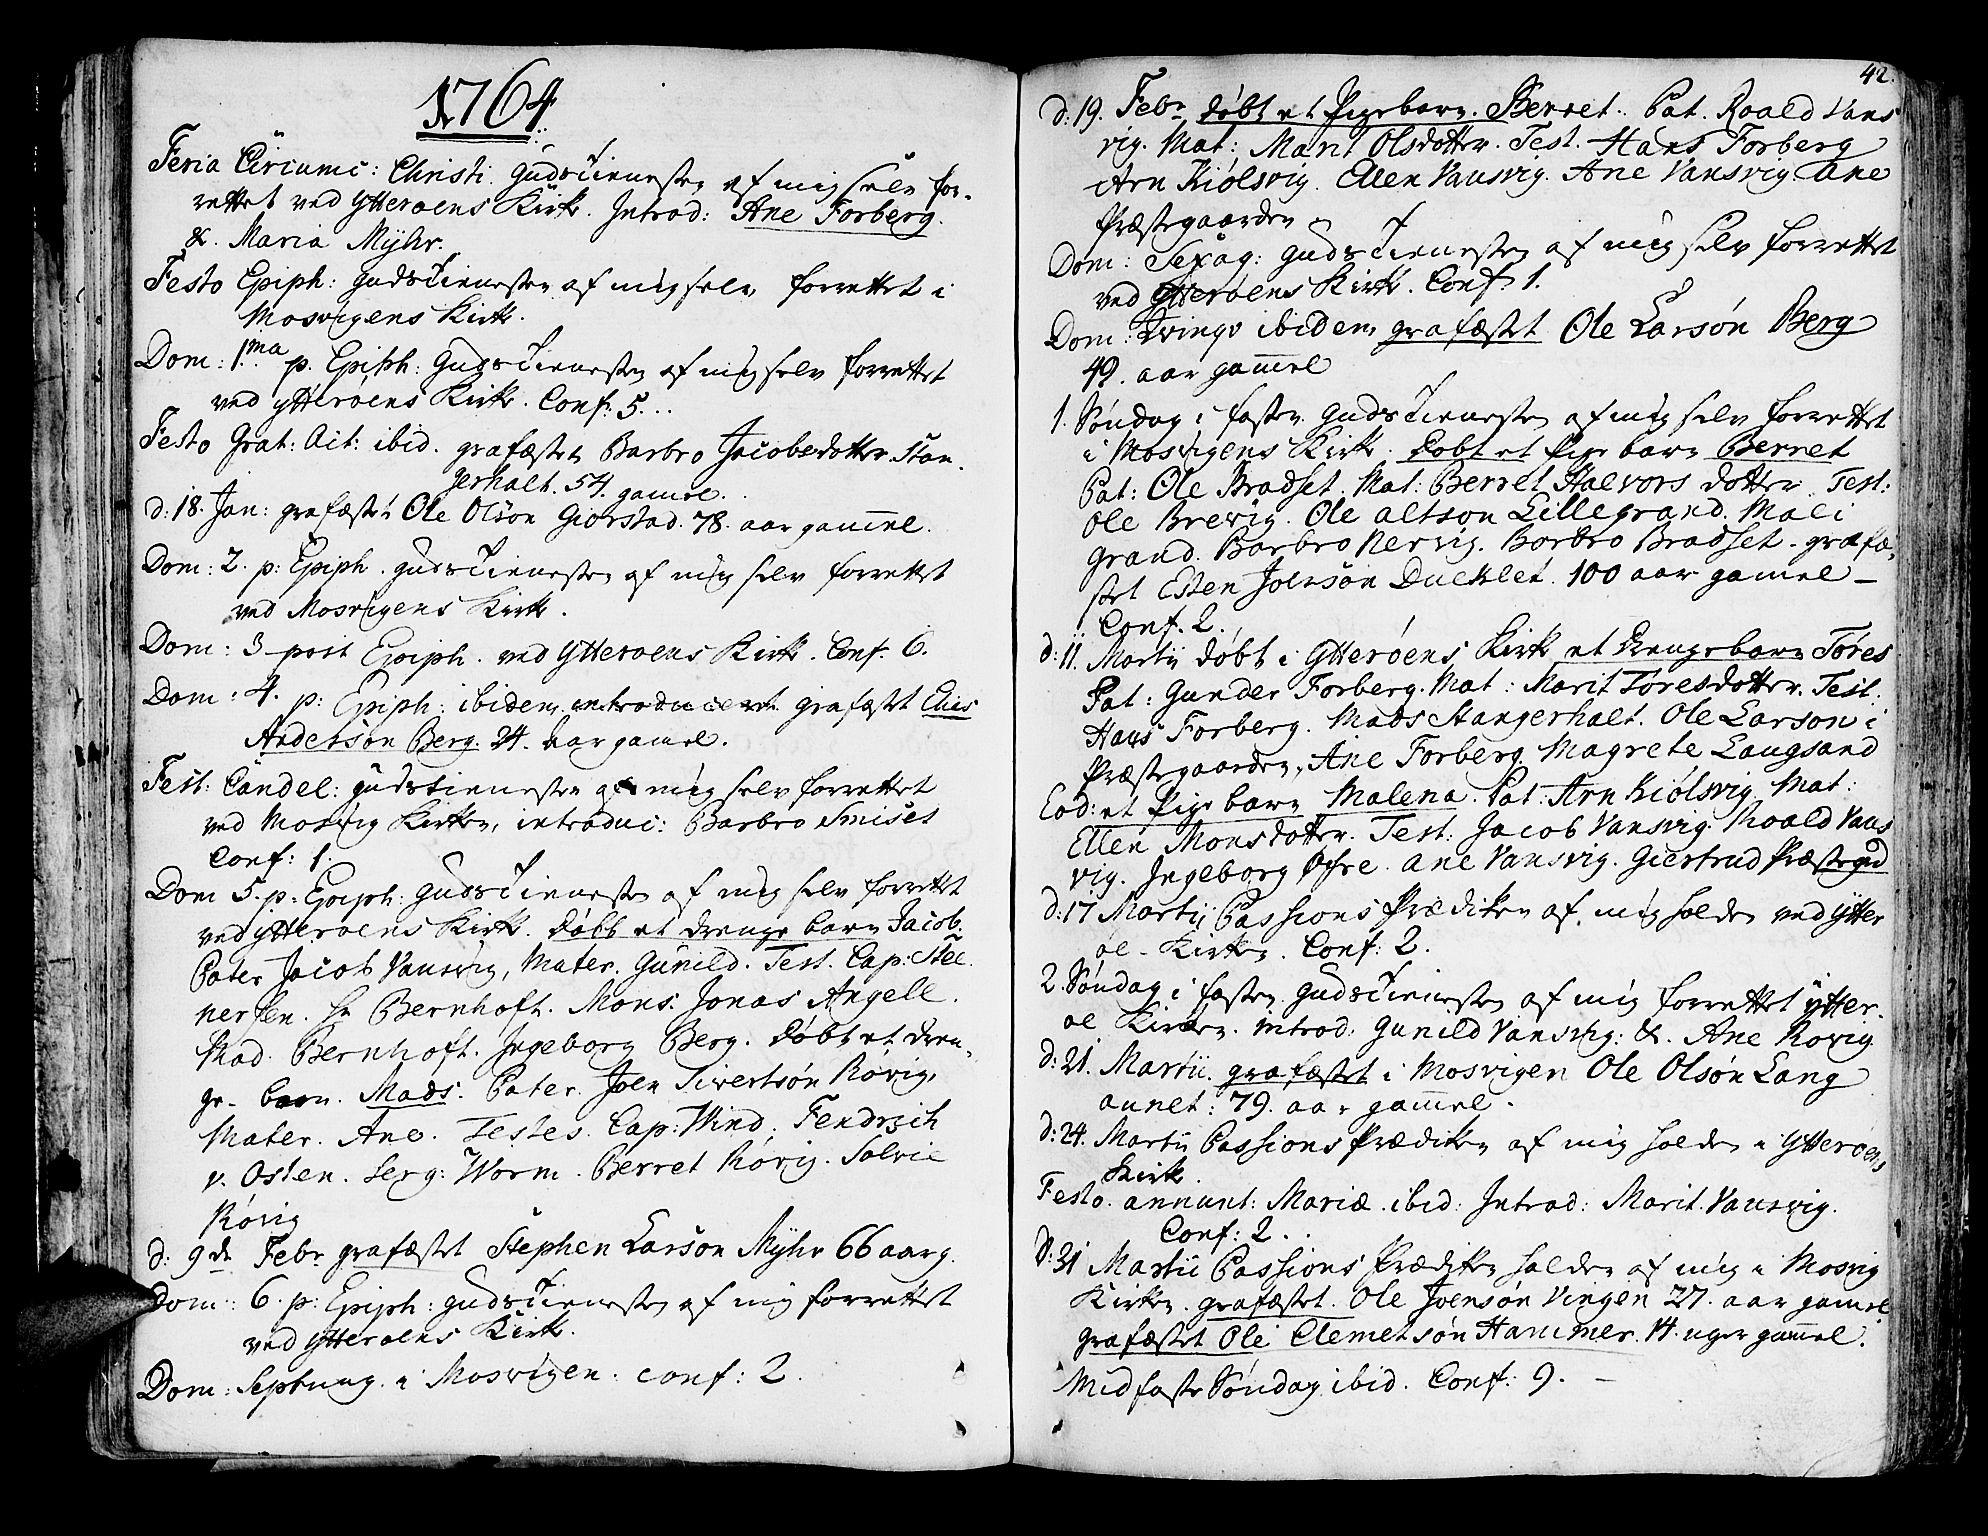 SAT, Ministerialprotokoller, klokkerbøker og fødselsregistre - Nord-Trøndelag, 722/L0216: Ministerialbok nr. 722A03, 1756-1816, s. 42